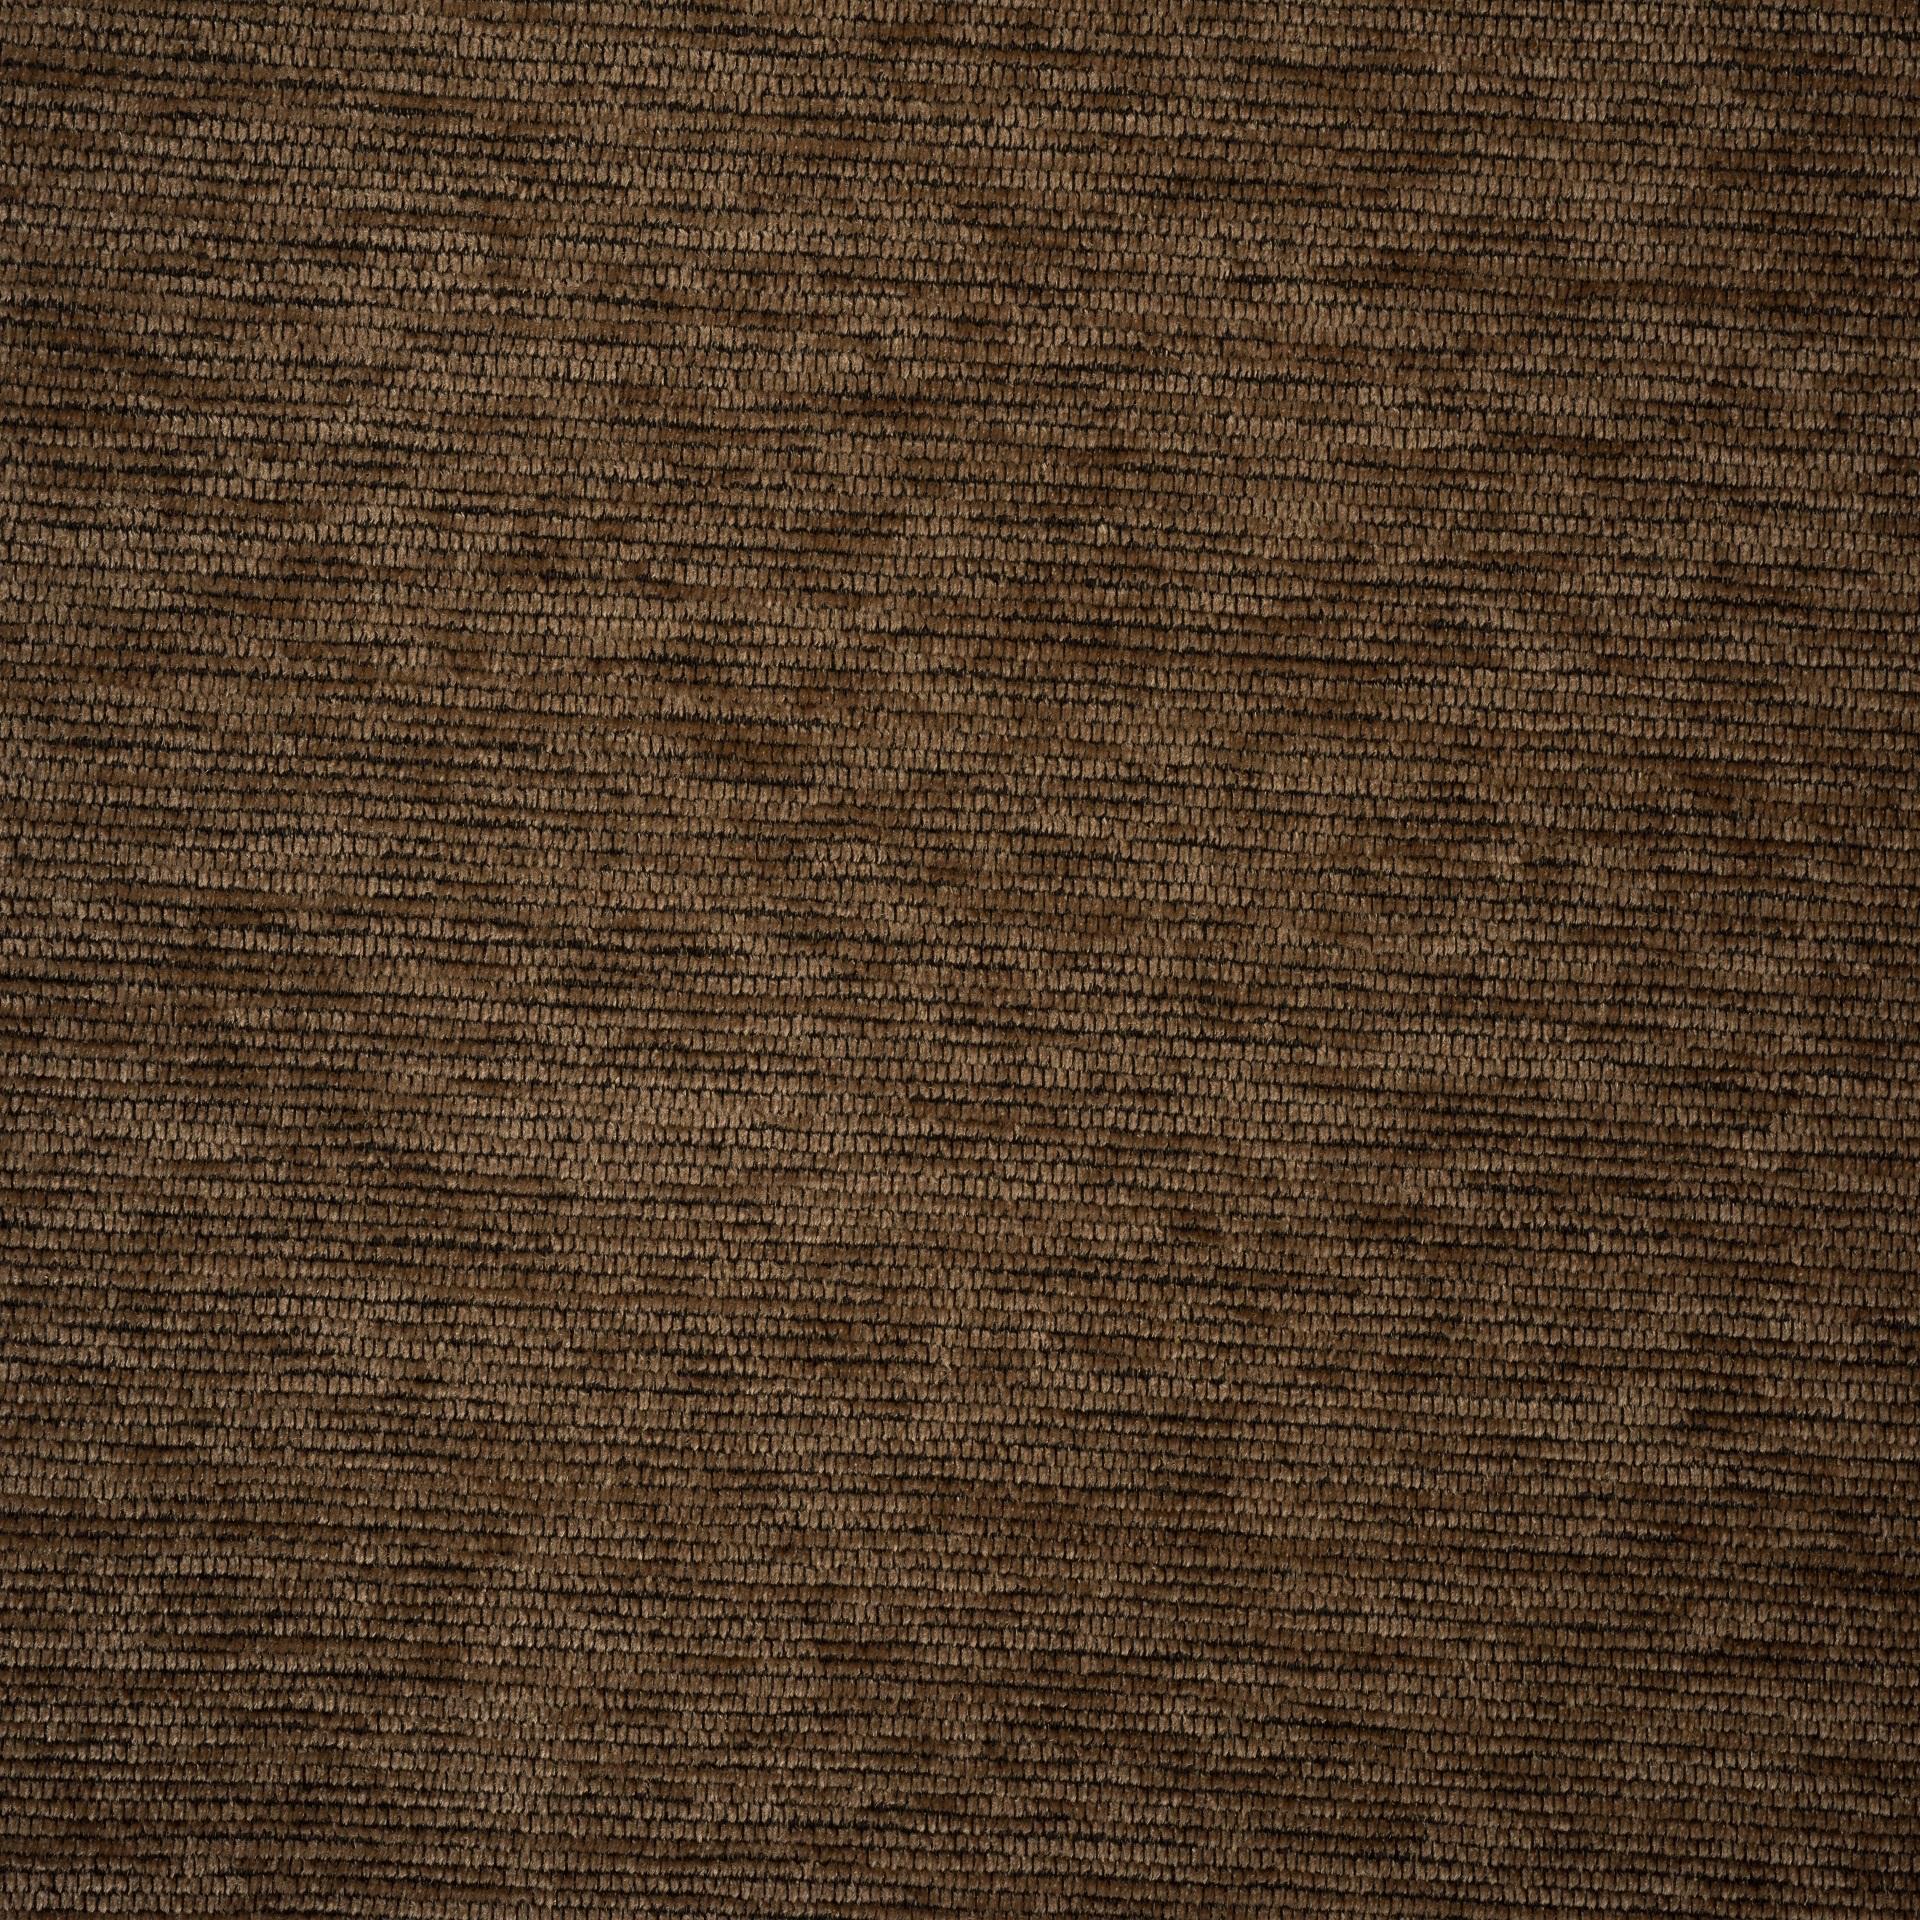 Коллекция ткани Бостон комбин GOLD,  купить ткань Шенилл для мебели Украина